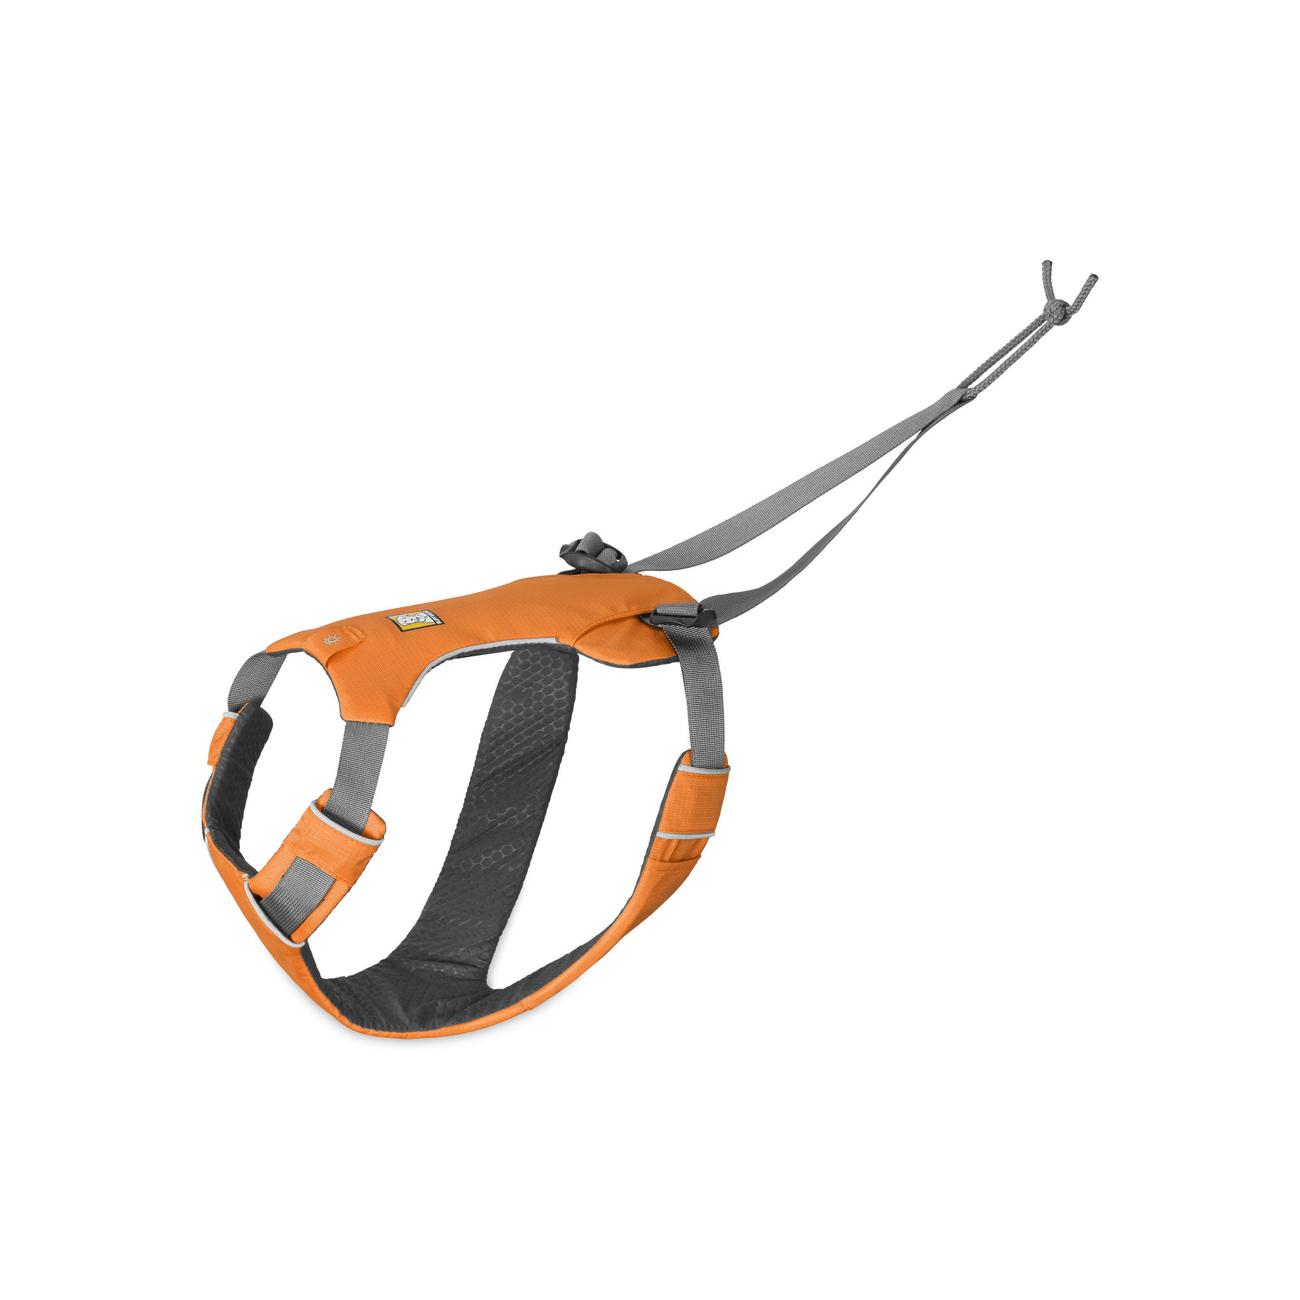 Ruffwear Omnijore™ Joring System Zuggeschirr für Hunde, Bild 5